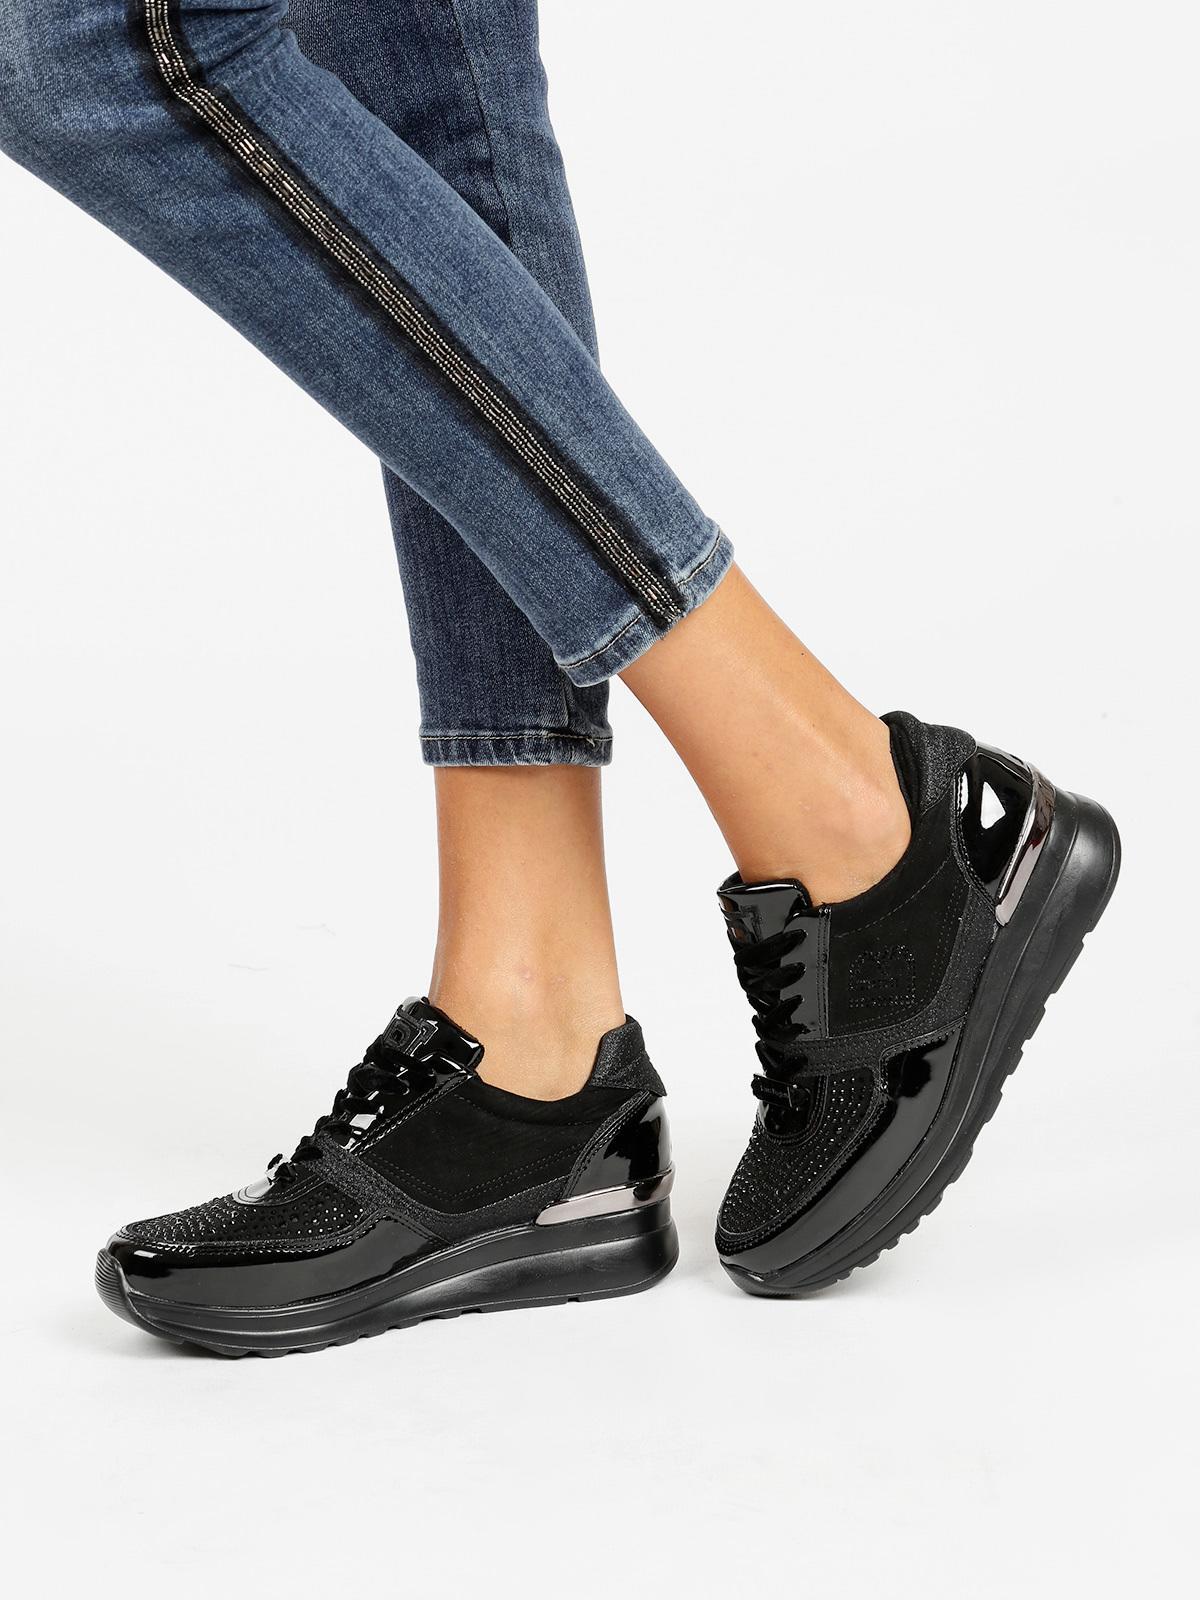 066f2eea27 Sneakers con zeppa e strass - nero laura biagiotti | MecShopping